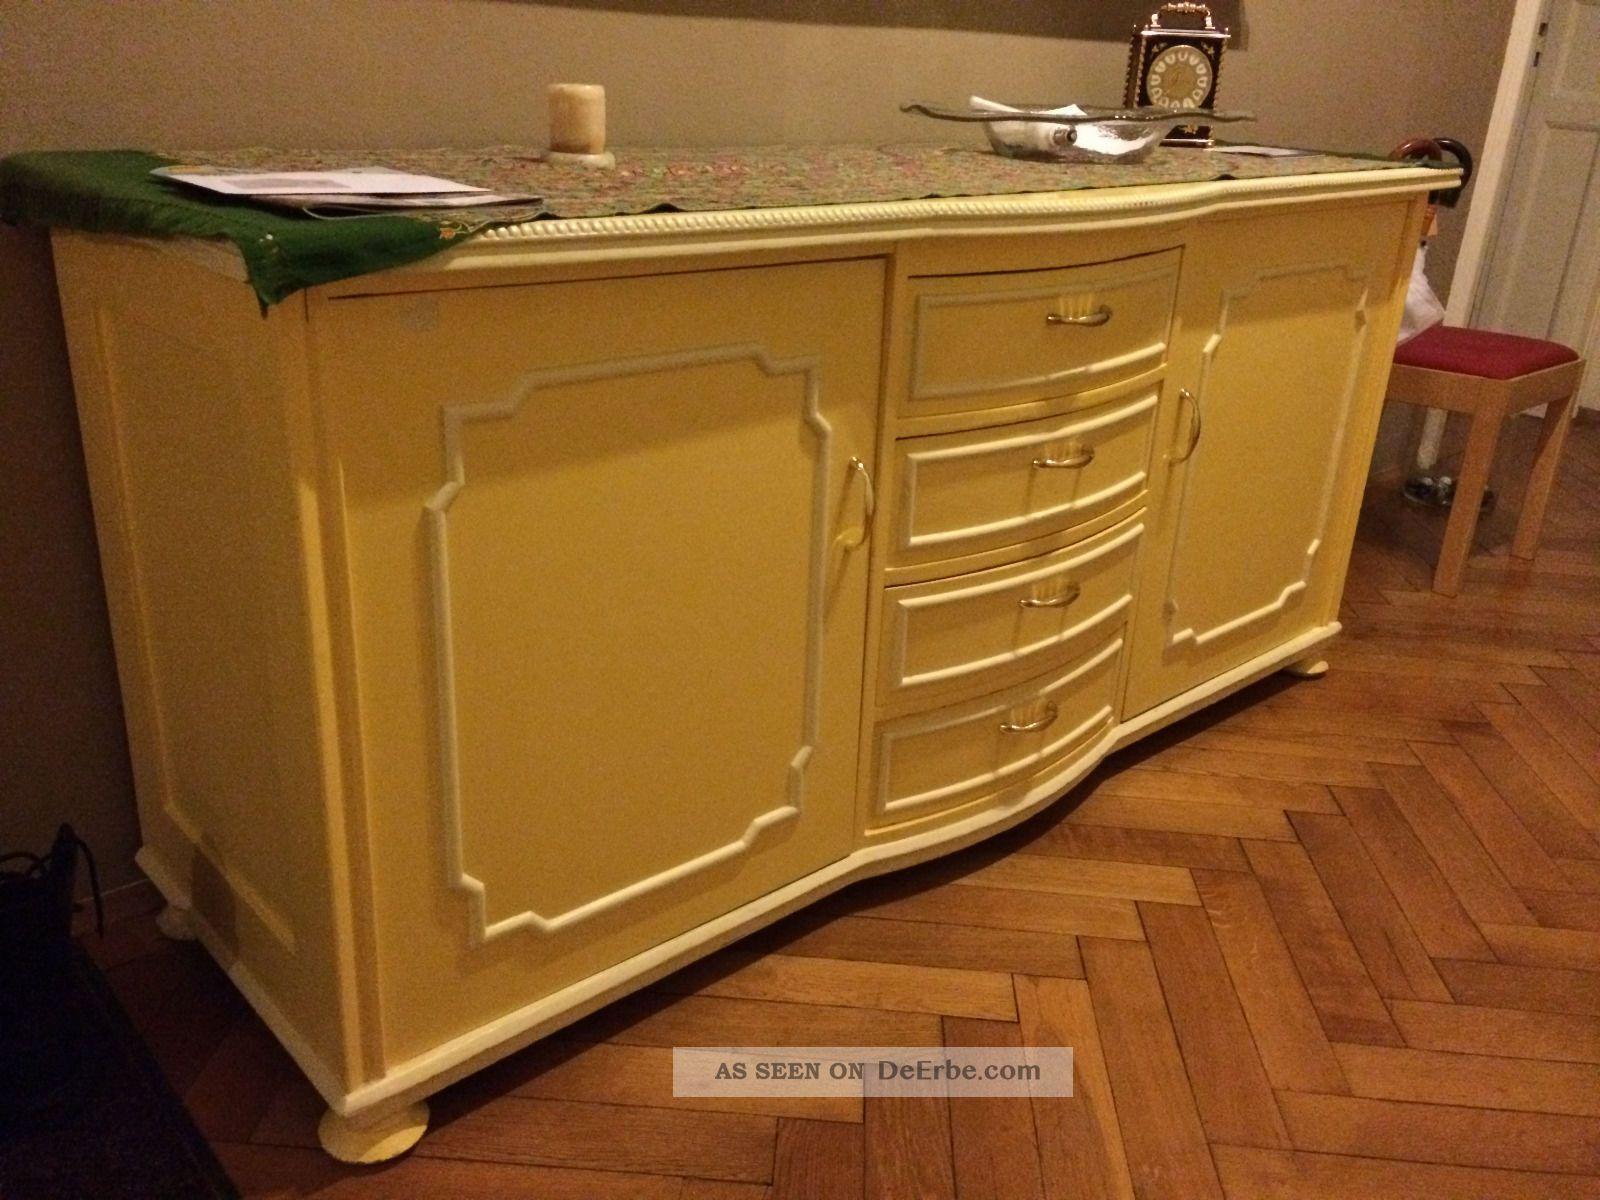 k chenbuffet aus den 50er jahren f r liebhaber abzugeben. Black Bedroom Furniture Sets. Home Design Ideas